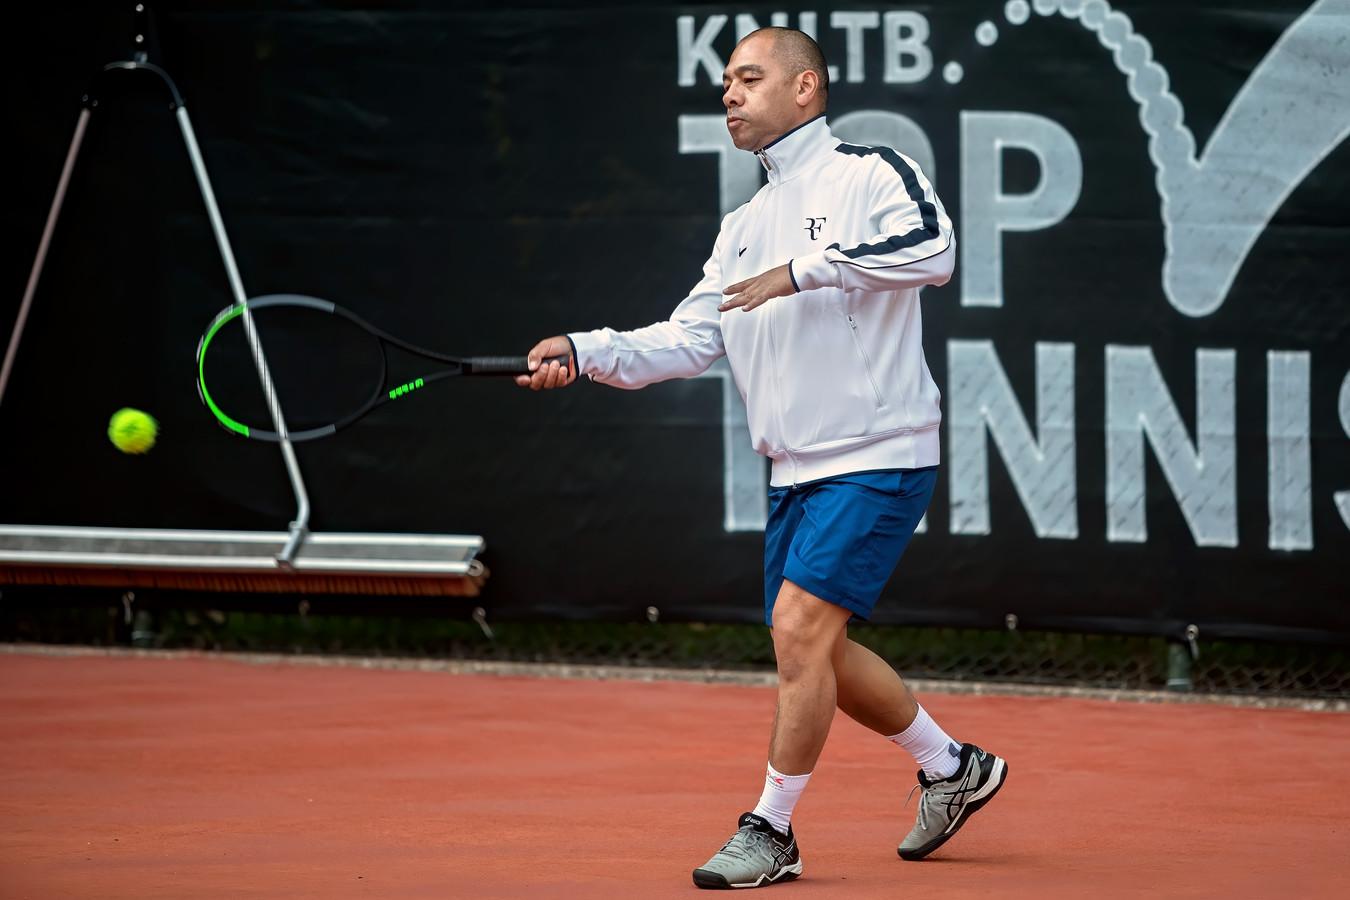 Tennisclub De Warande in Oosterhout heeft sinds de corona-uitbraak ruim 90 nieuwe leden verwelkomt. Edwin Mehlbaum is een van die nieuwe leden.